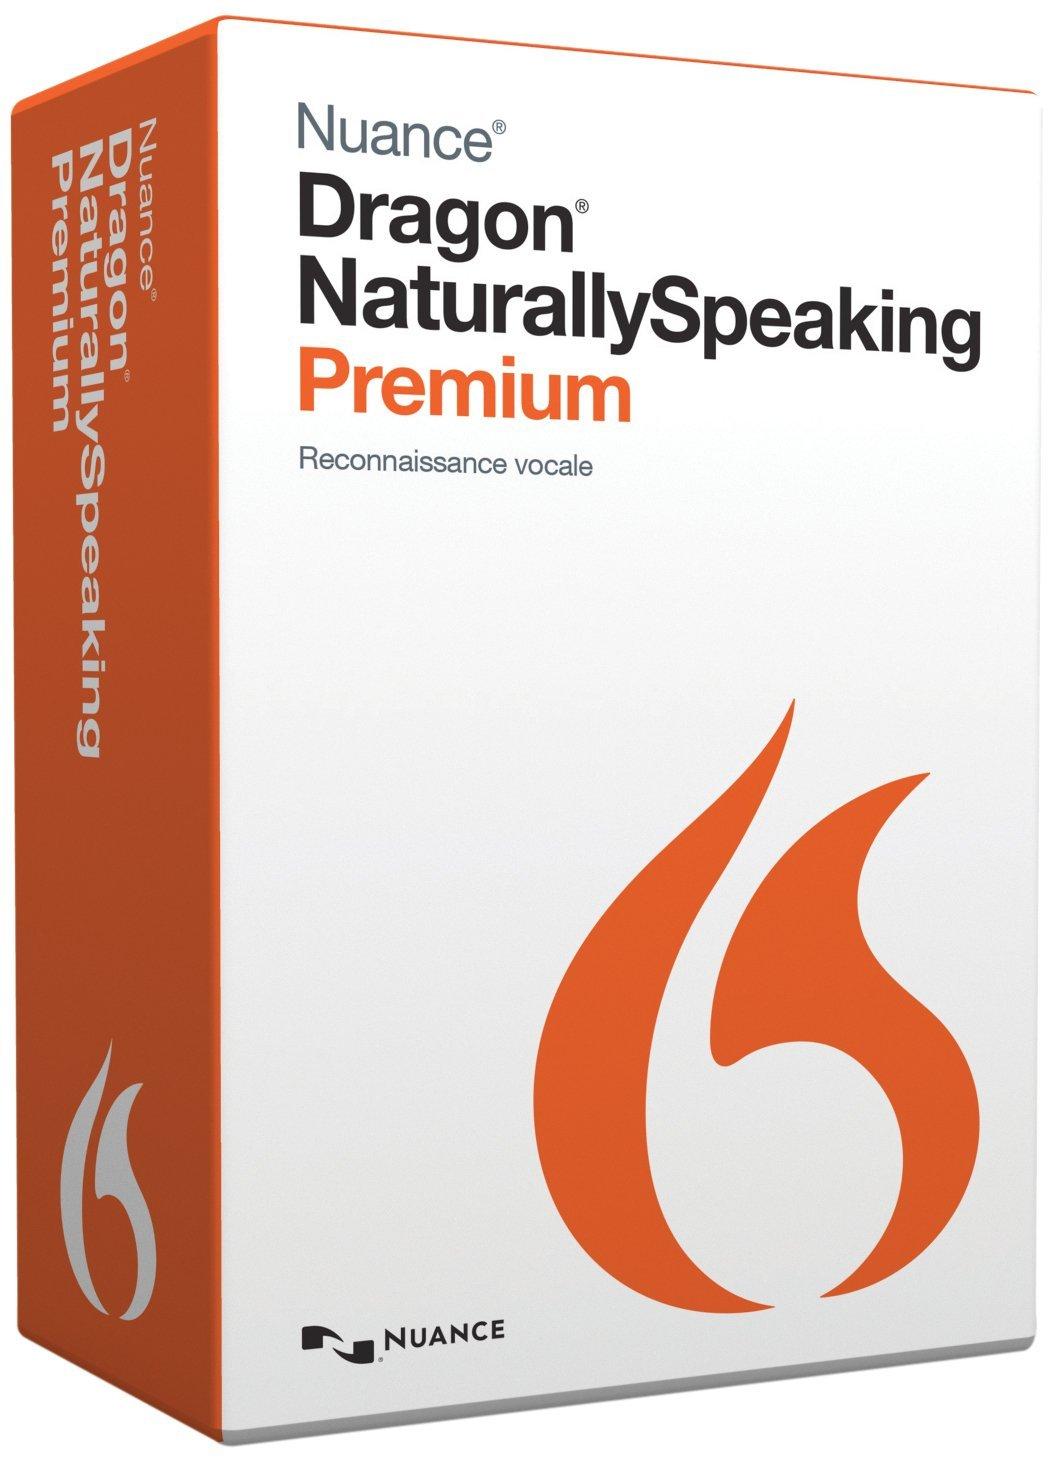 Nuance - Dragon Naturally Speaking Premium pour l'écriture d'un e-book